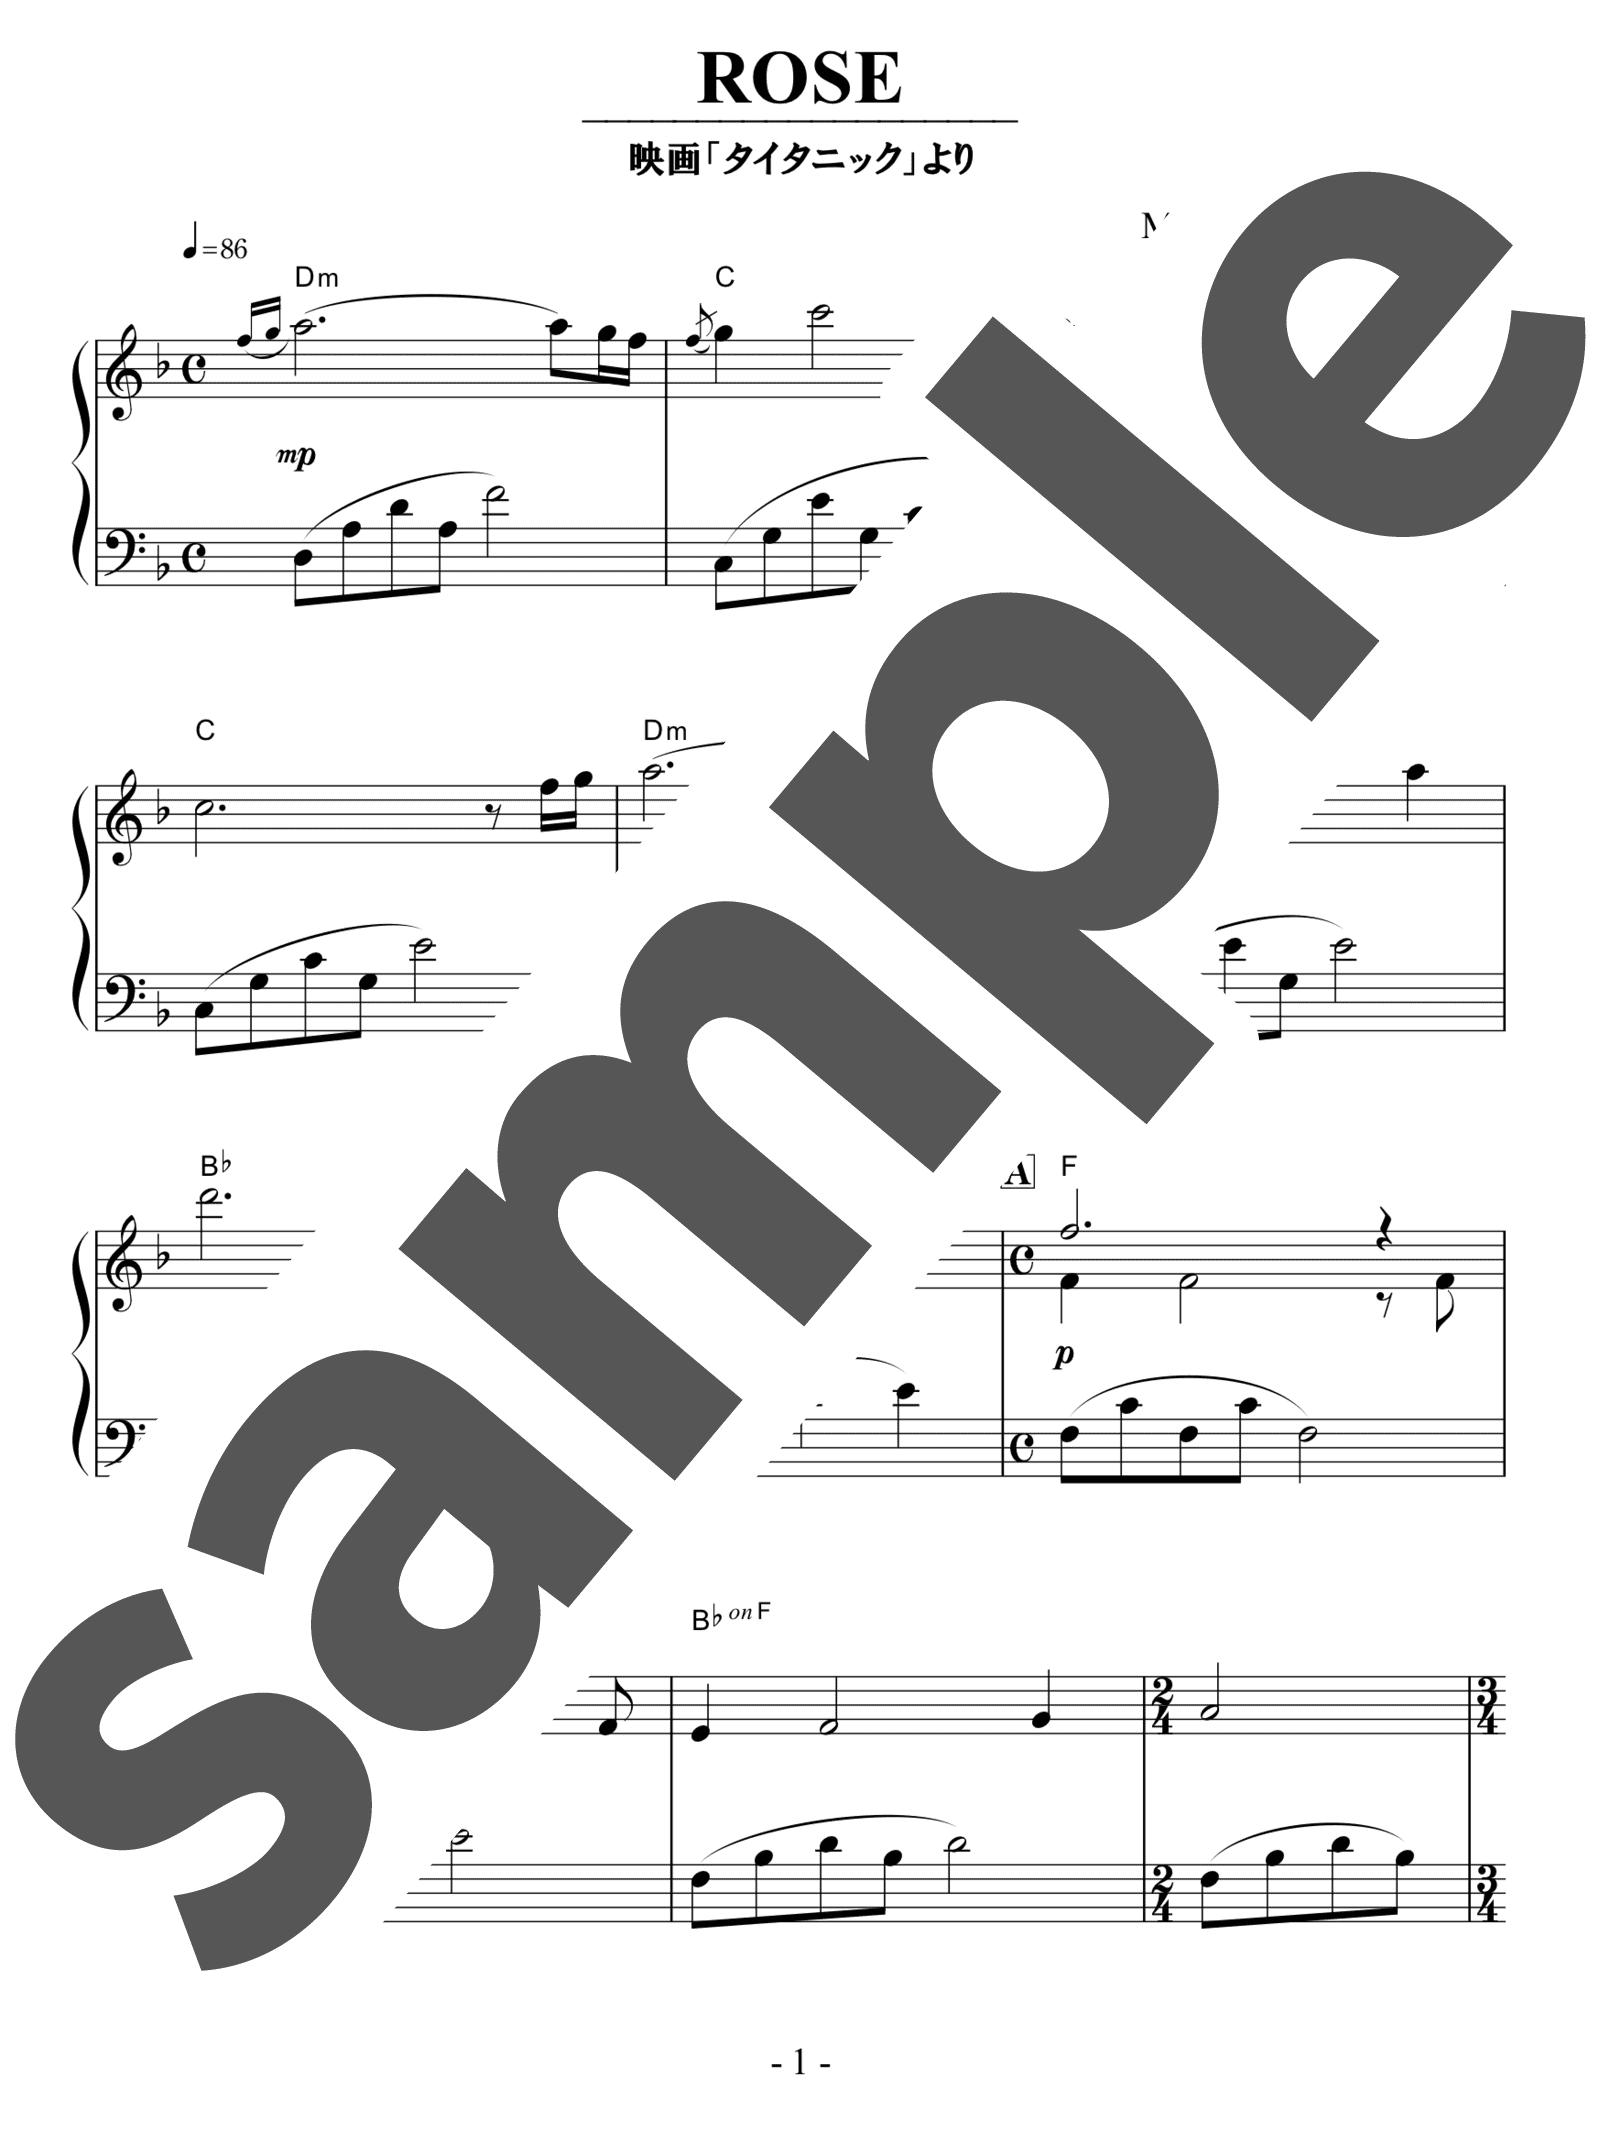 「ROSE」のサンプル楽譜